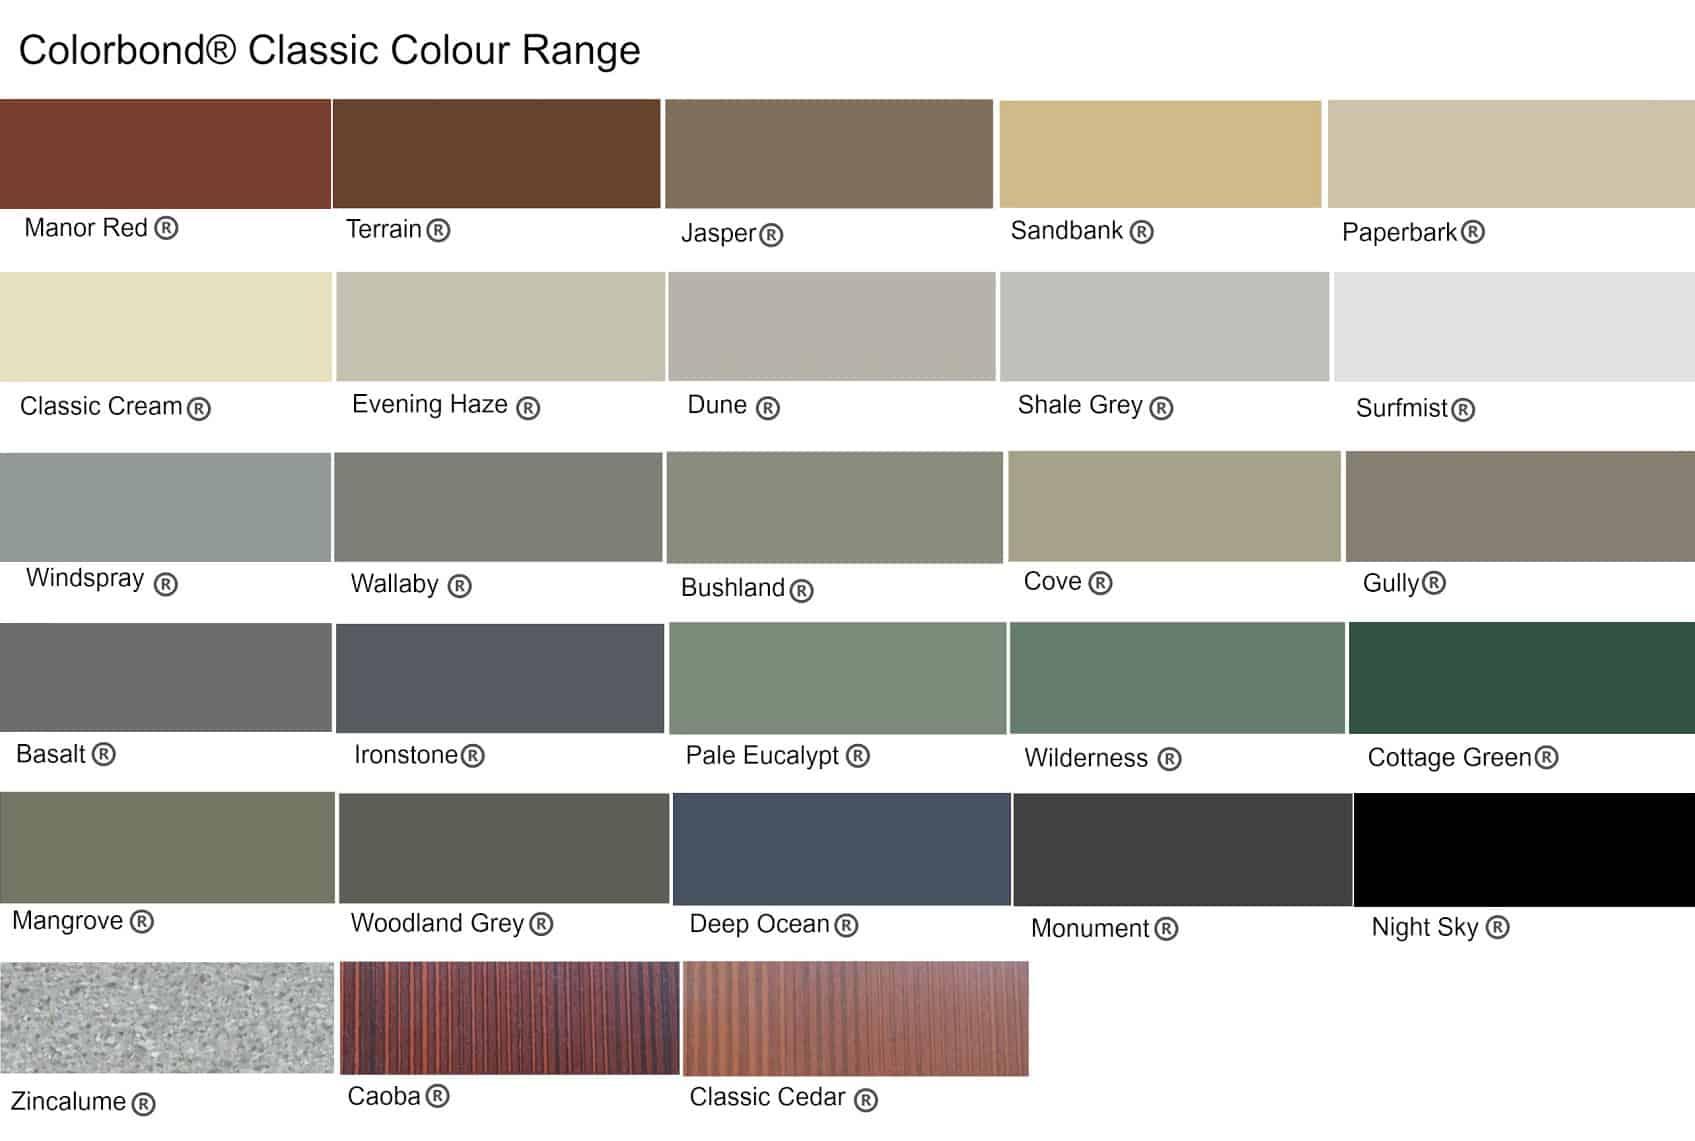 Timber Look Garage Doors in Sydney - A1 Automate on Garage Door Color  id=53482